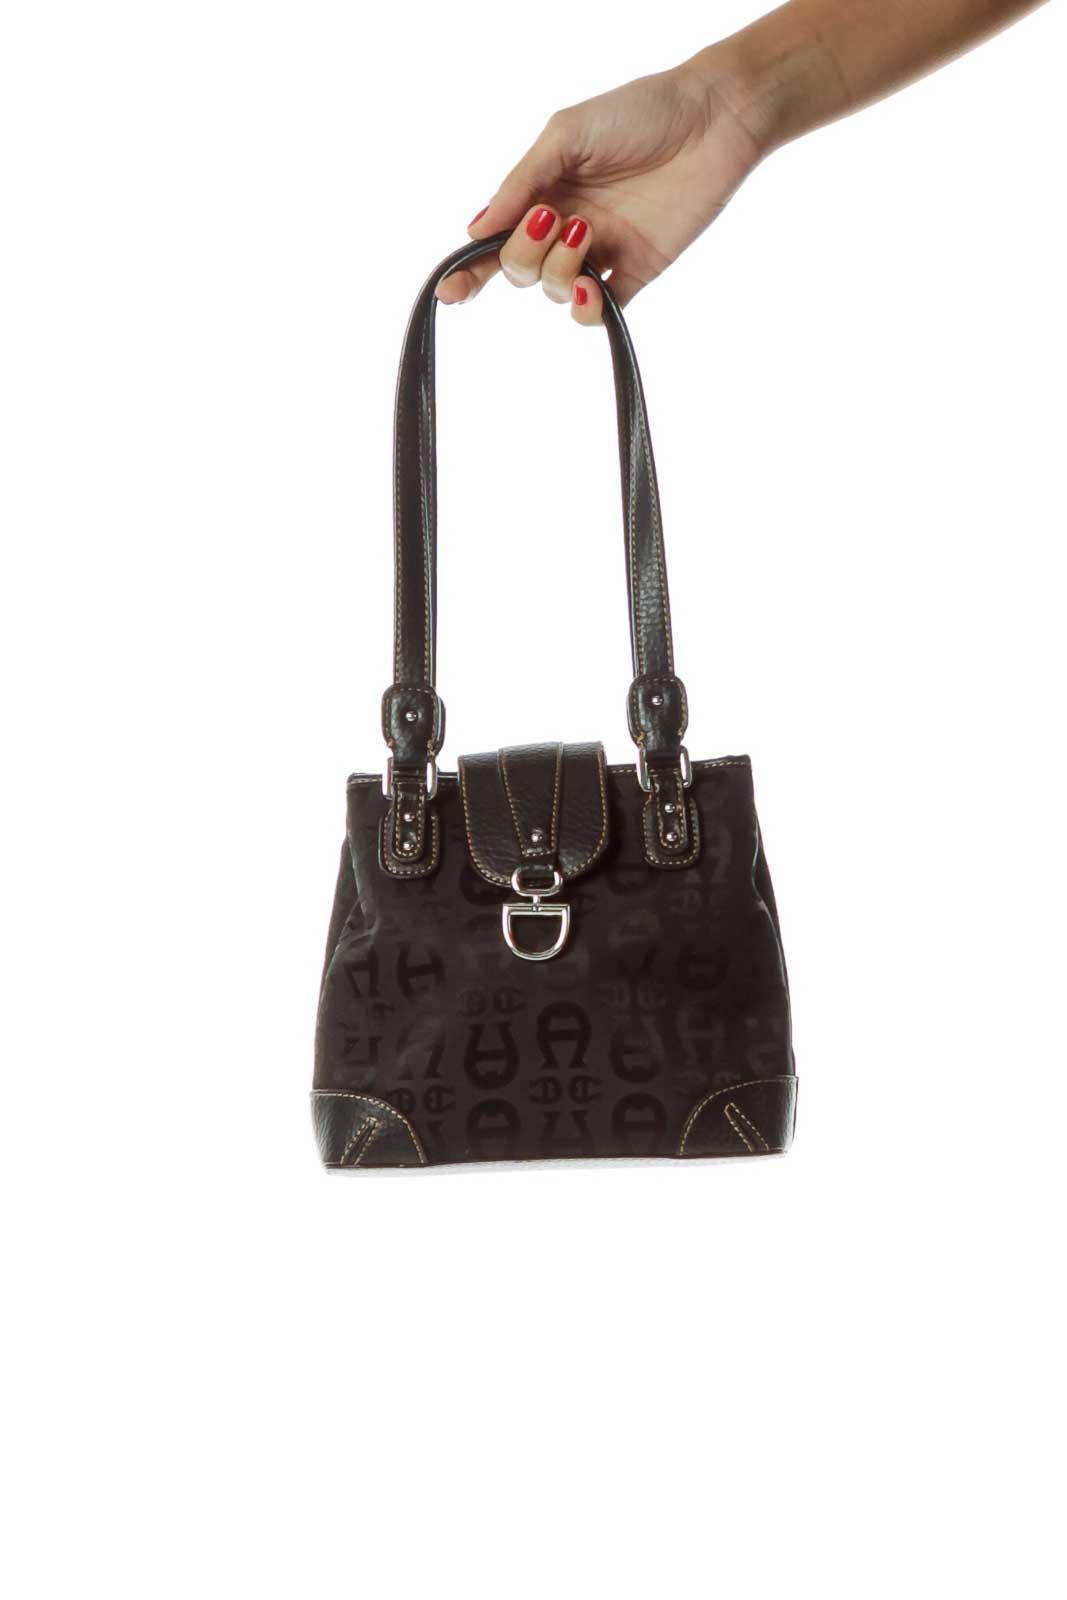 Black Monogrammed Leather Shoulder Bag Front